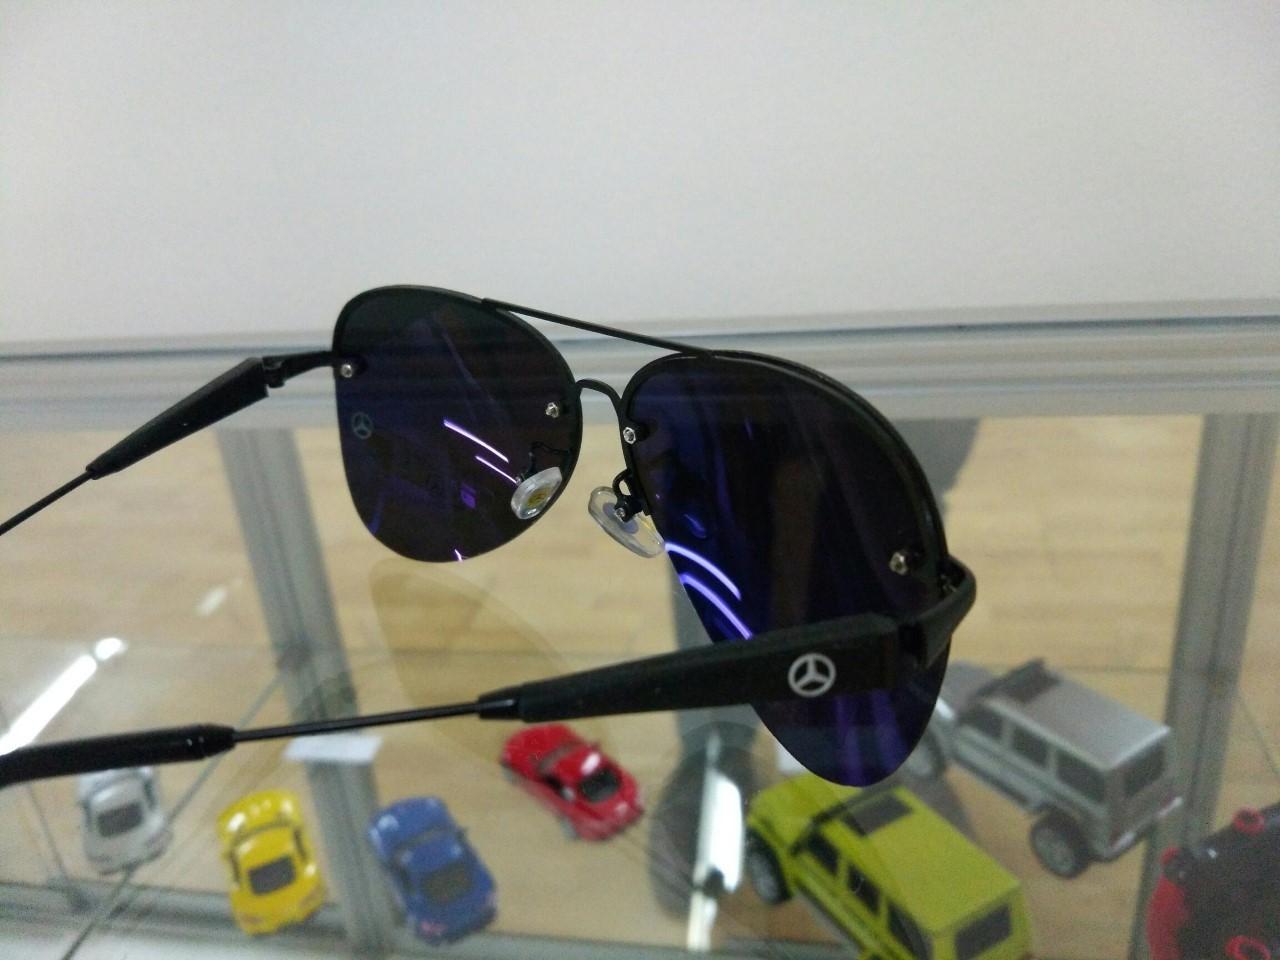 Γυαλιά Ηλίου Mercedes-Benz Polarized - Γυαλιά Ηλίου - Αγορά Προϊόντων 2133e7fef94